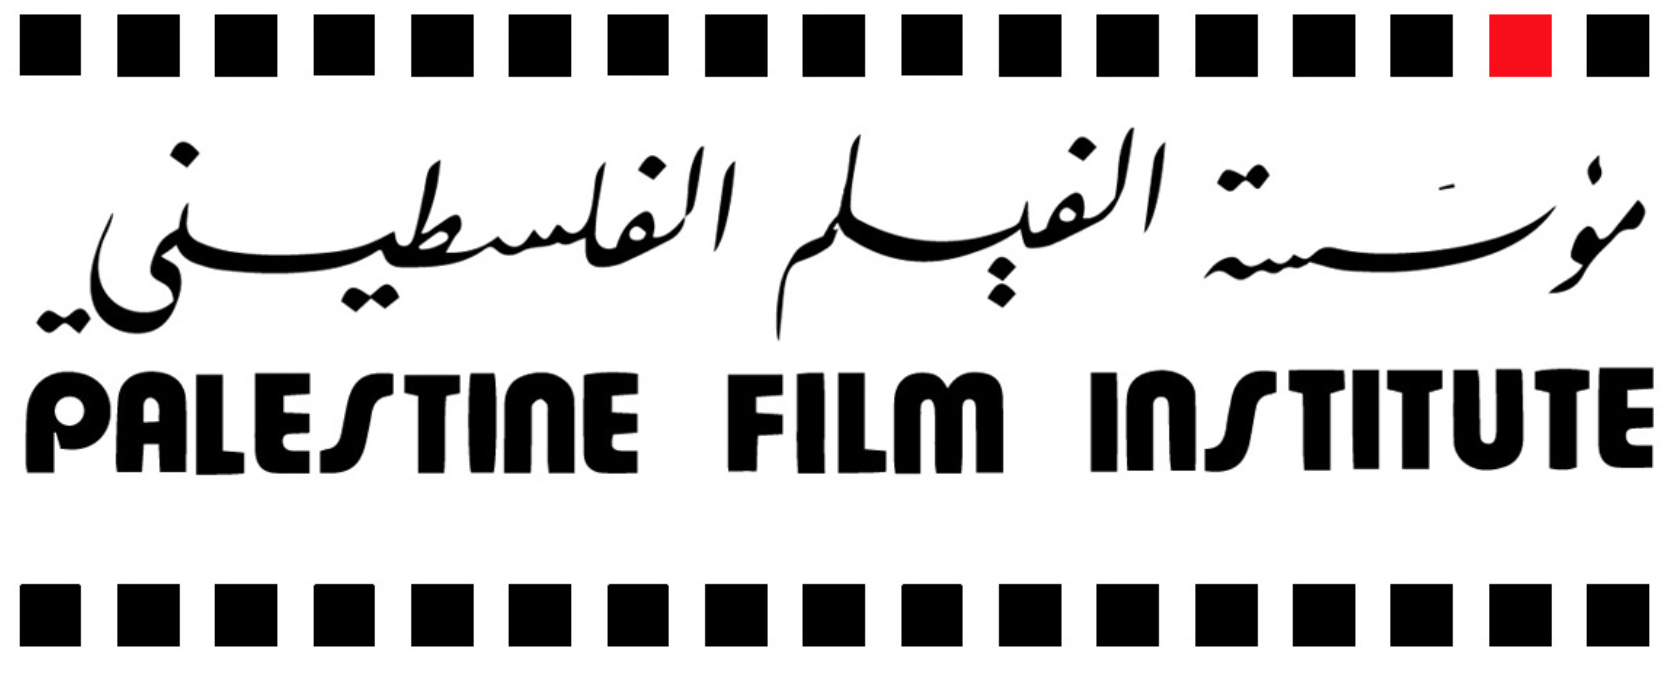 جناح فلسطين... من أجل صناعة سينمائية فلسطينية